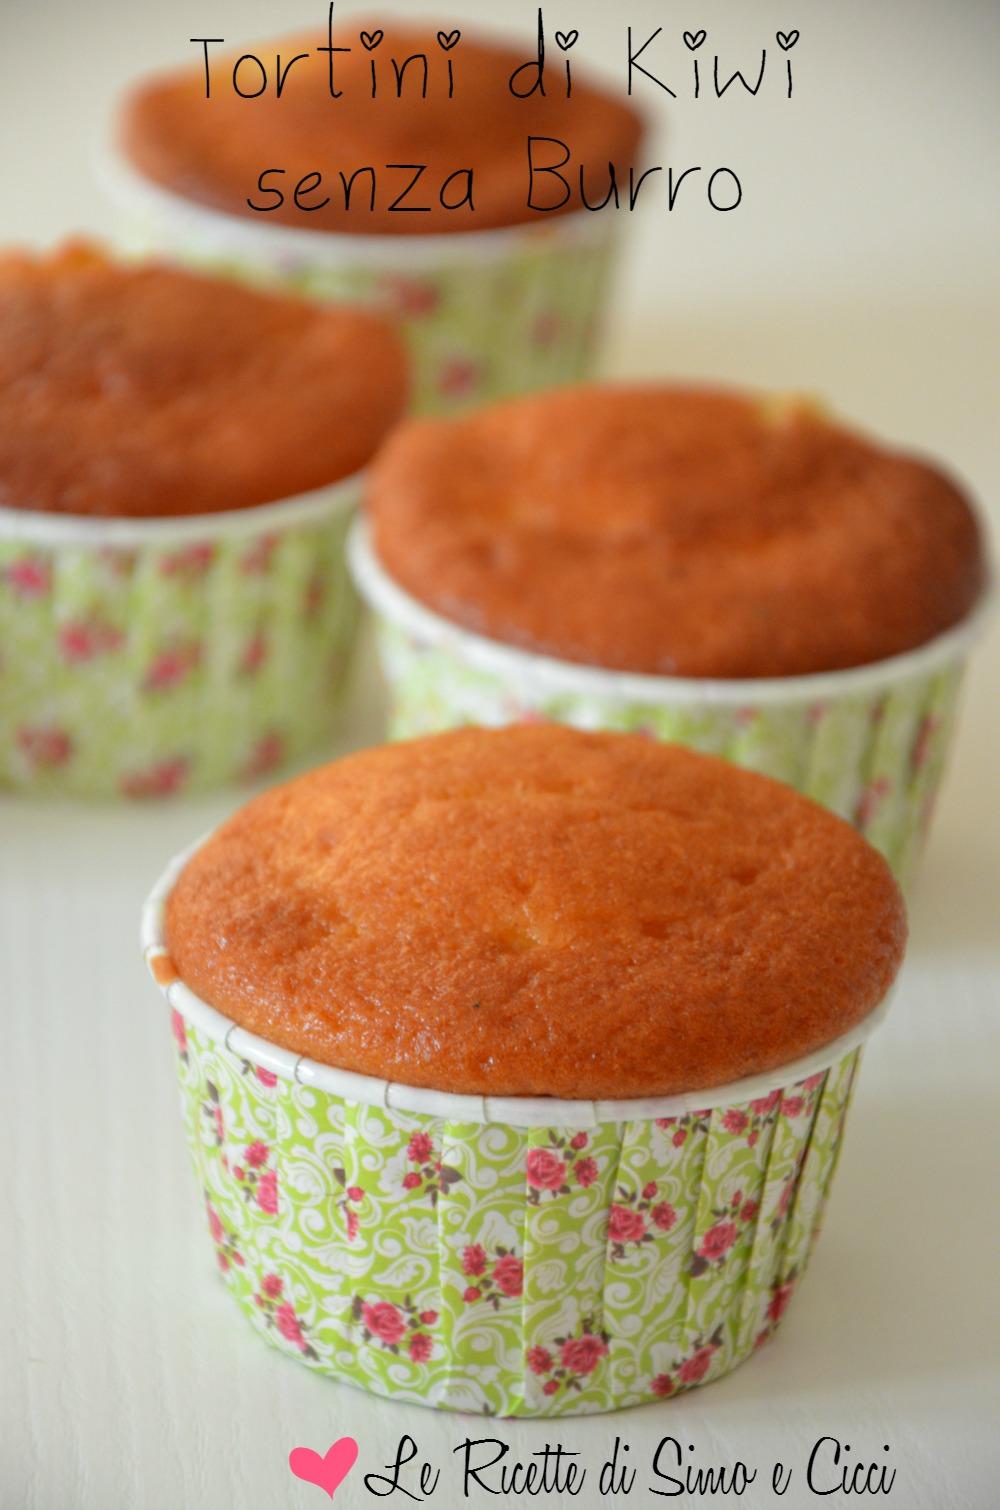 Tortini di Kiwi senza Burro